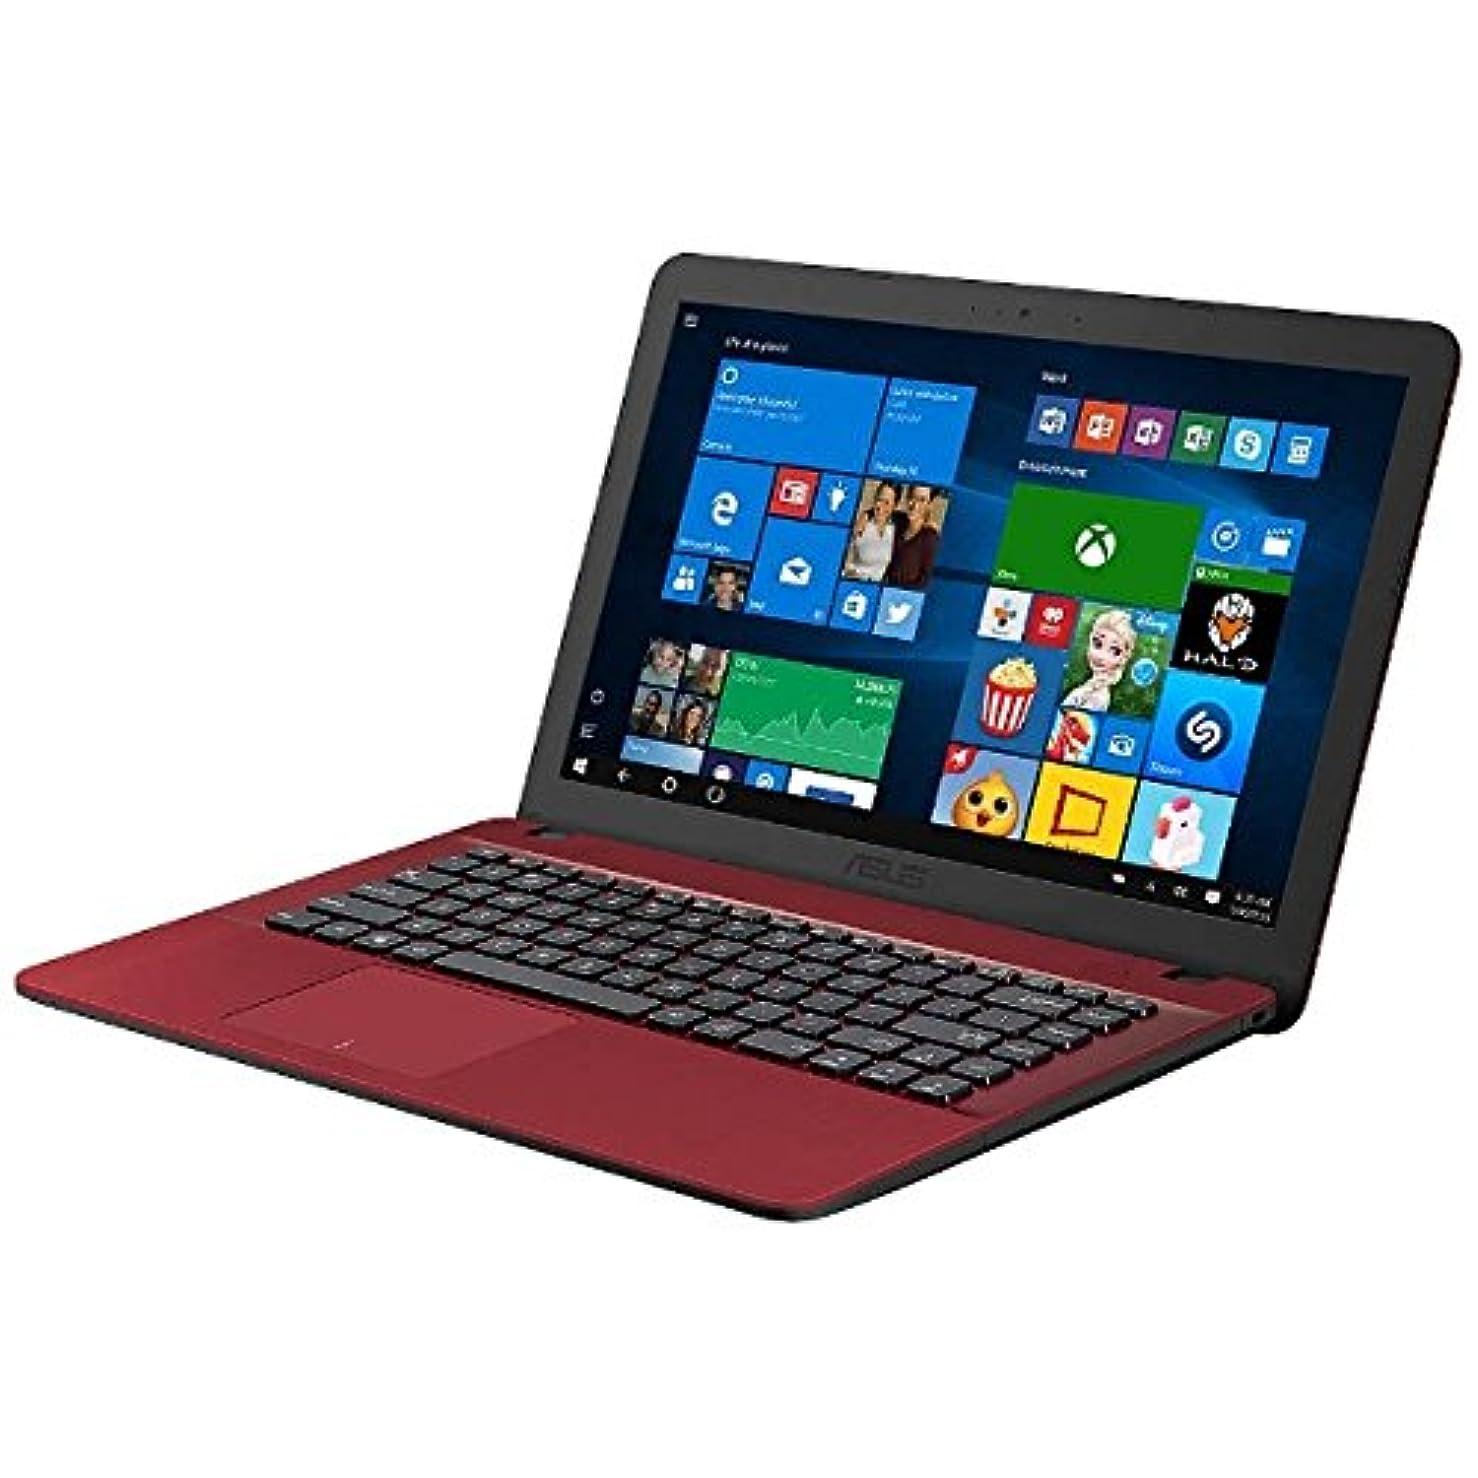 有効容疑者何ASUS 15.6型ノートPC[Offie付き?Win10 Home?Celeron?HDD 500GB?メモリ 4GB] ASUS VivoBook F541SA レッド F541SA-XX246TS (2017年3月モデル)